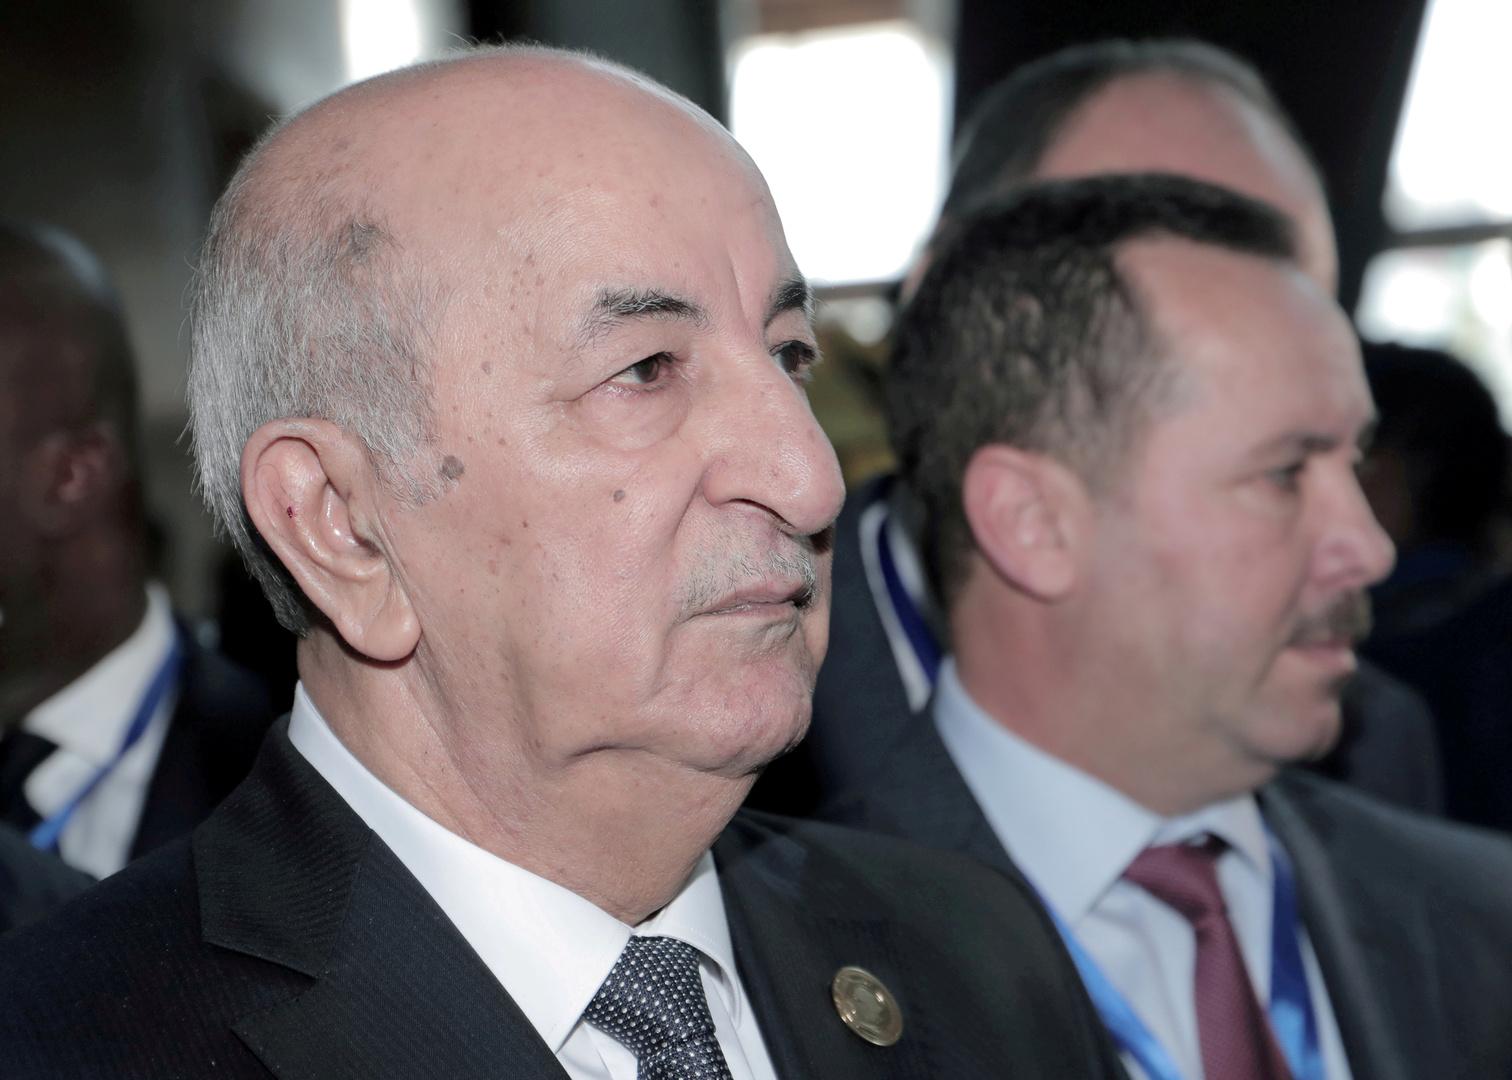 الجزائر.. تبون يأمر بفتح تحقيق قضائي في قضية استيراد القمح المغشوش